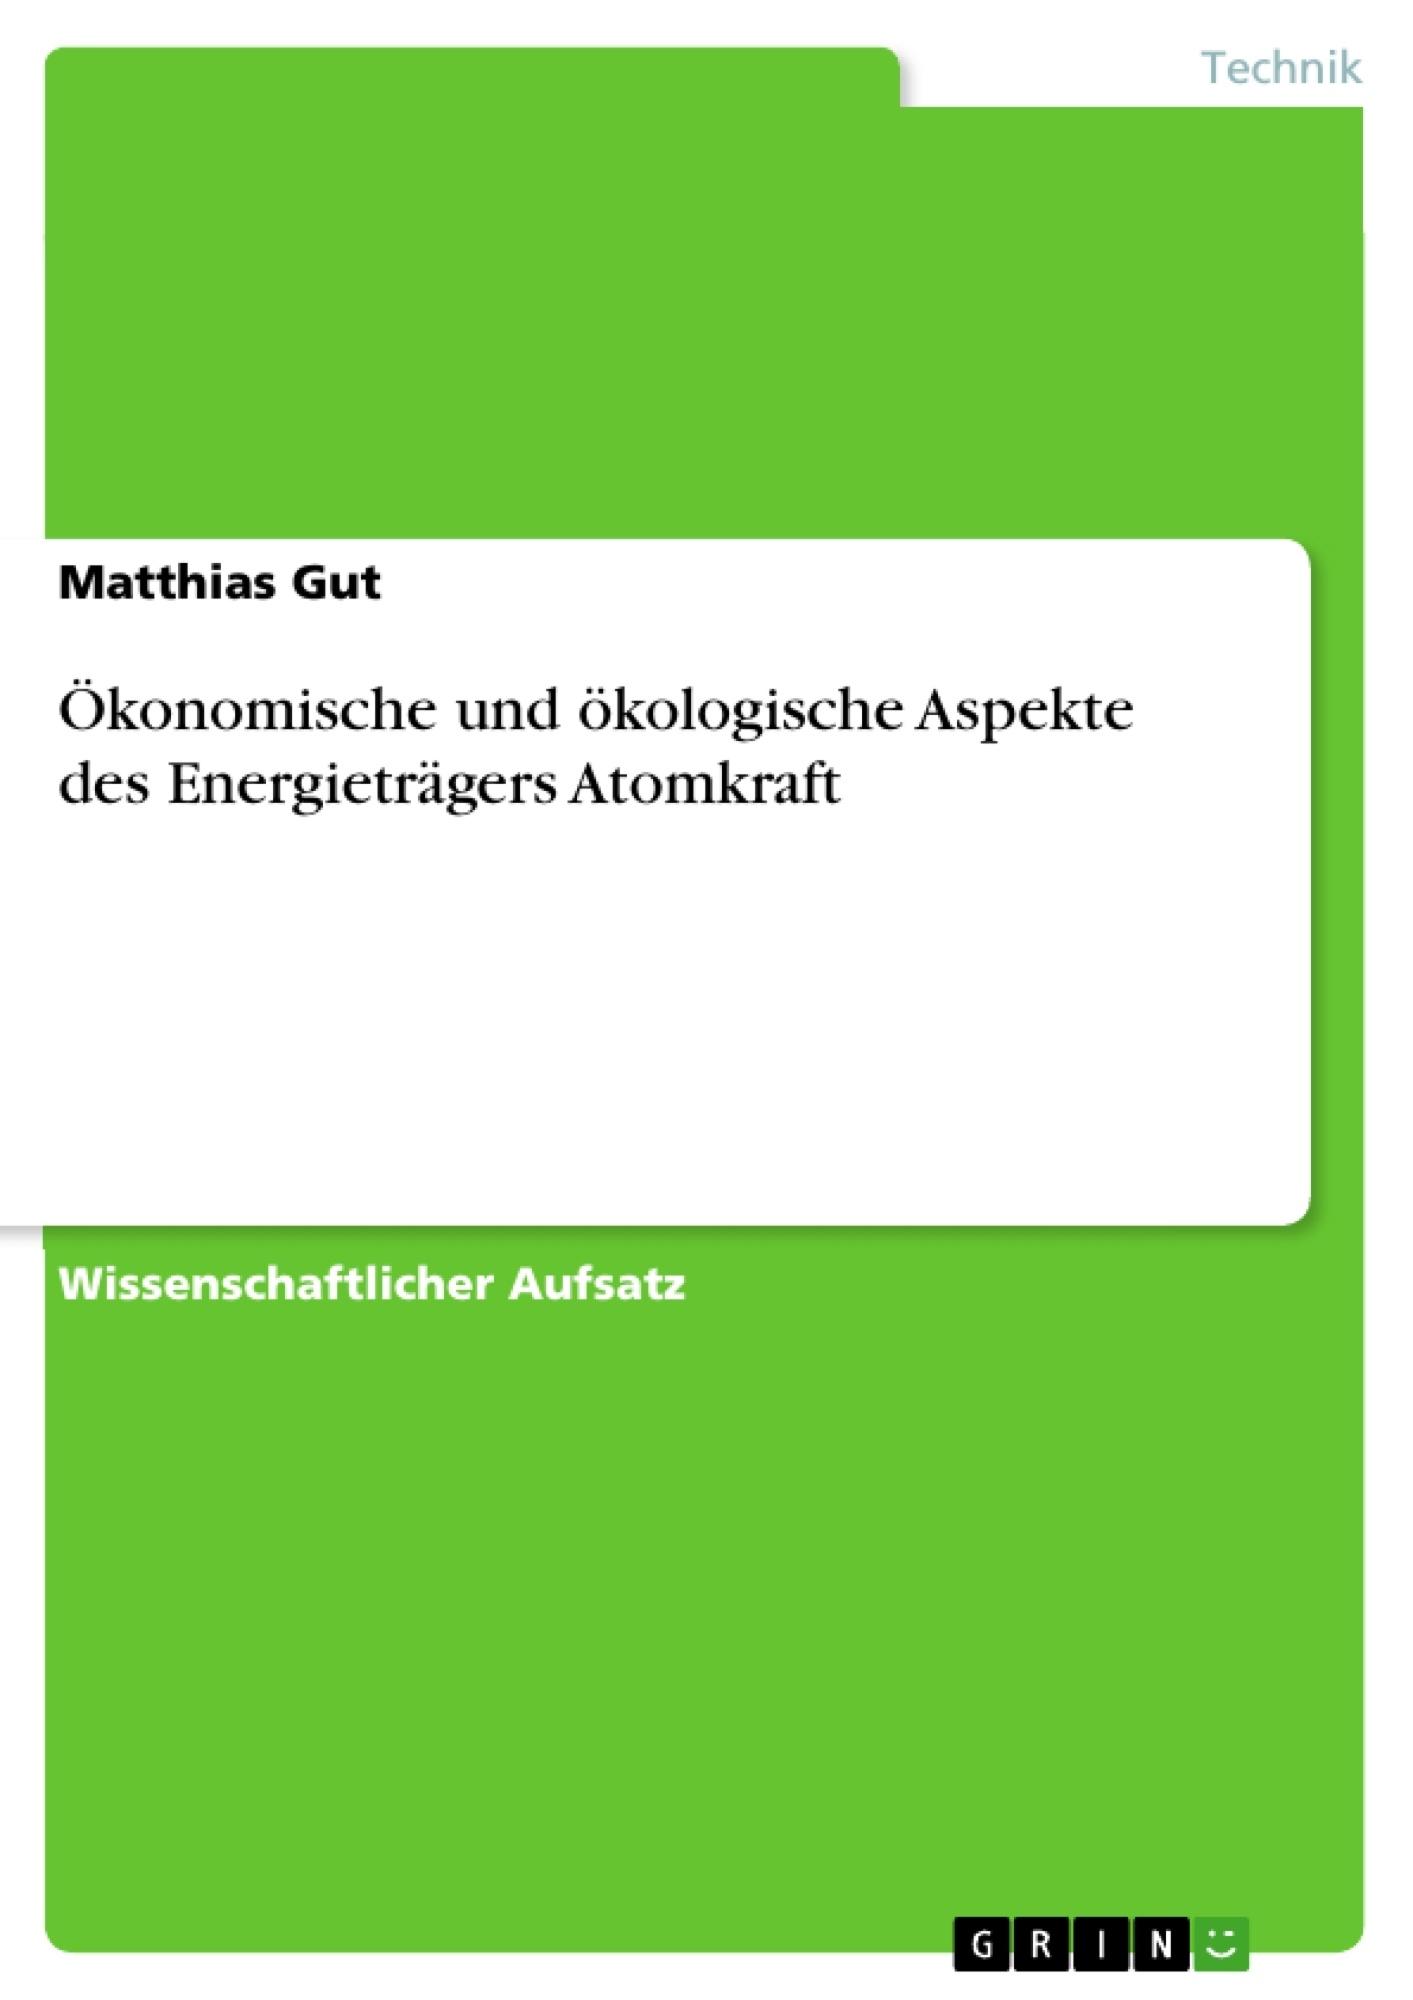 Titel: Ökonomische und ökologische Aspekte des Energieträgers Atomkraft